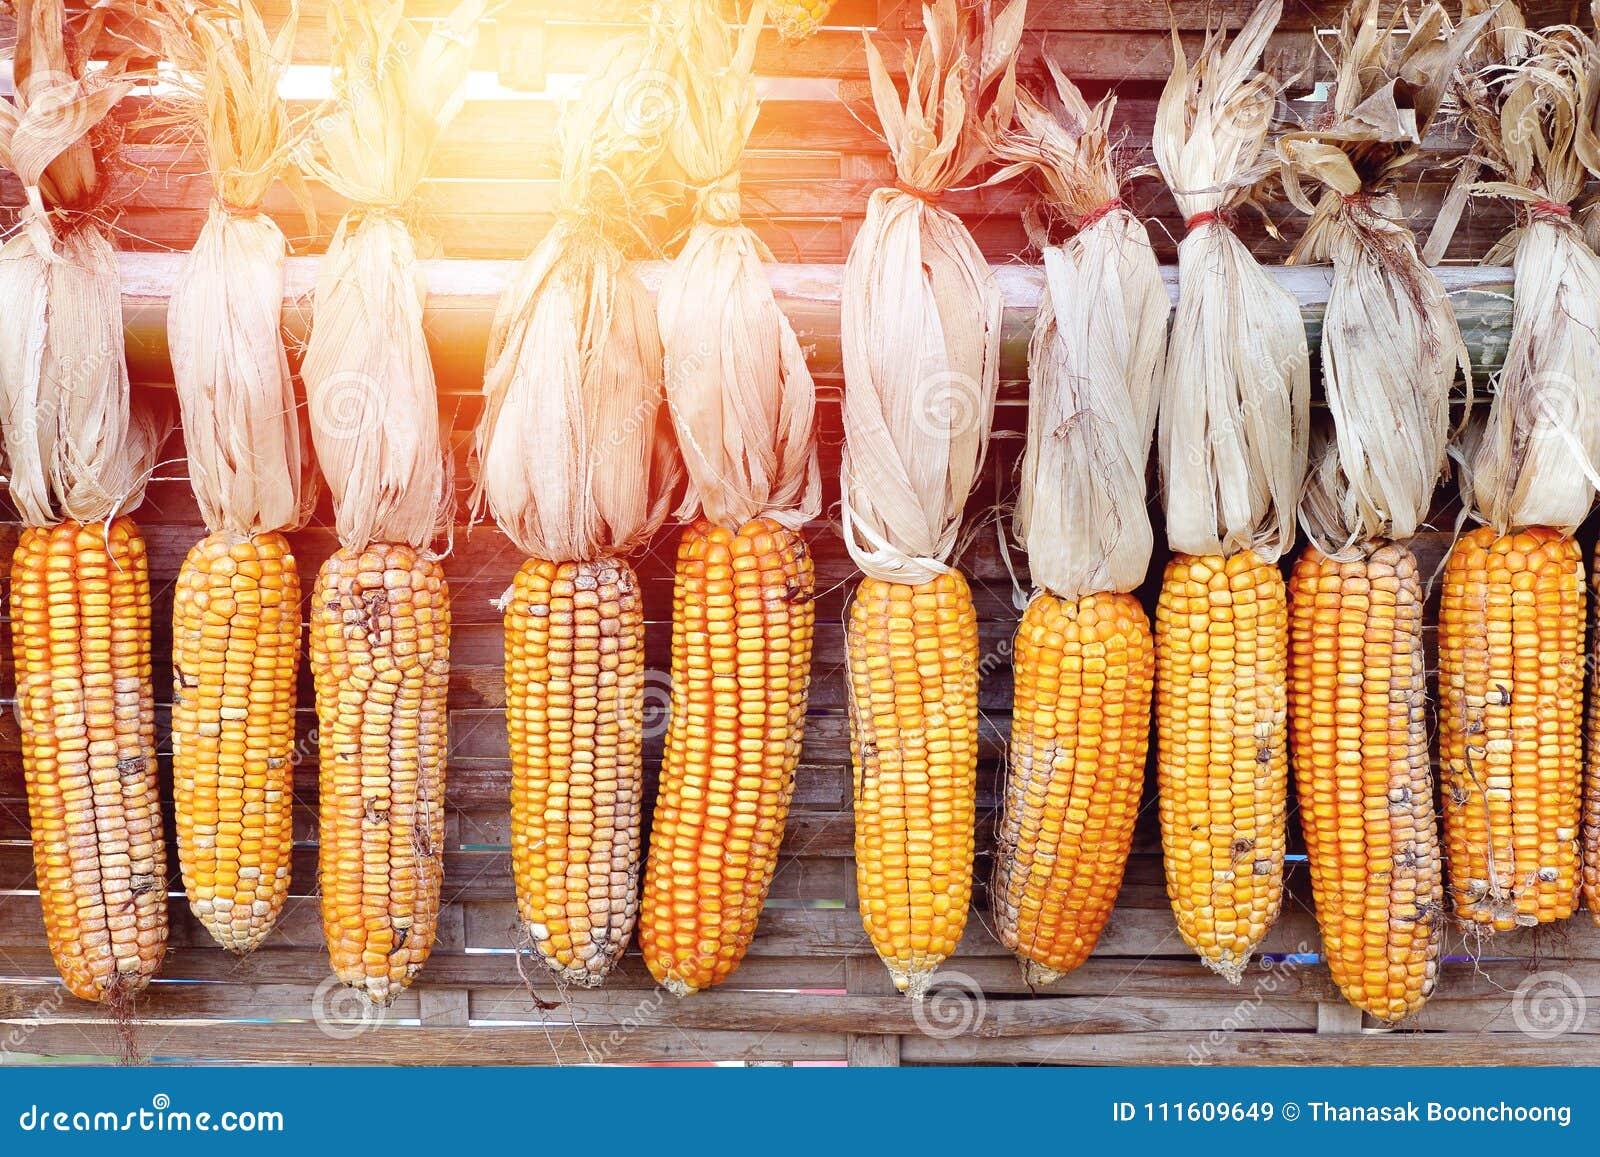 De maïs voor het fokken hangt omhoog voor het drogen met zonlicht